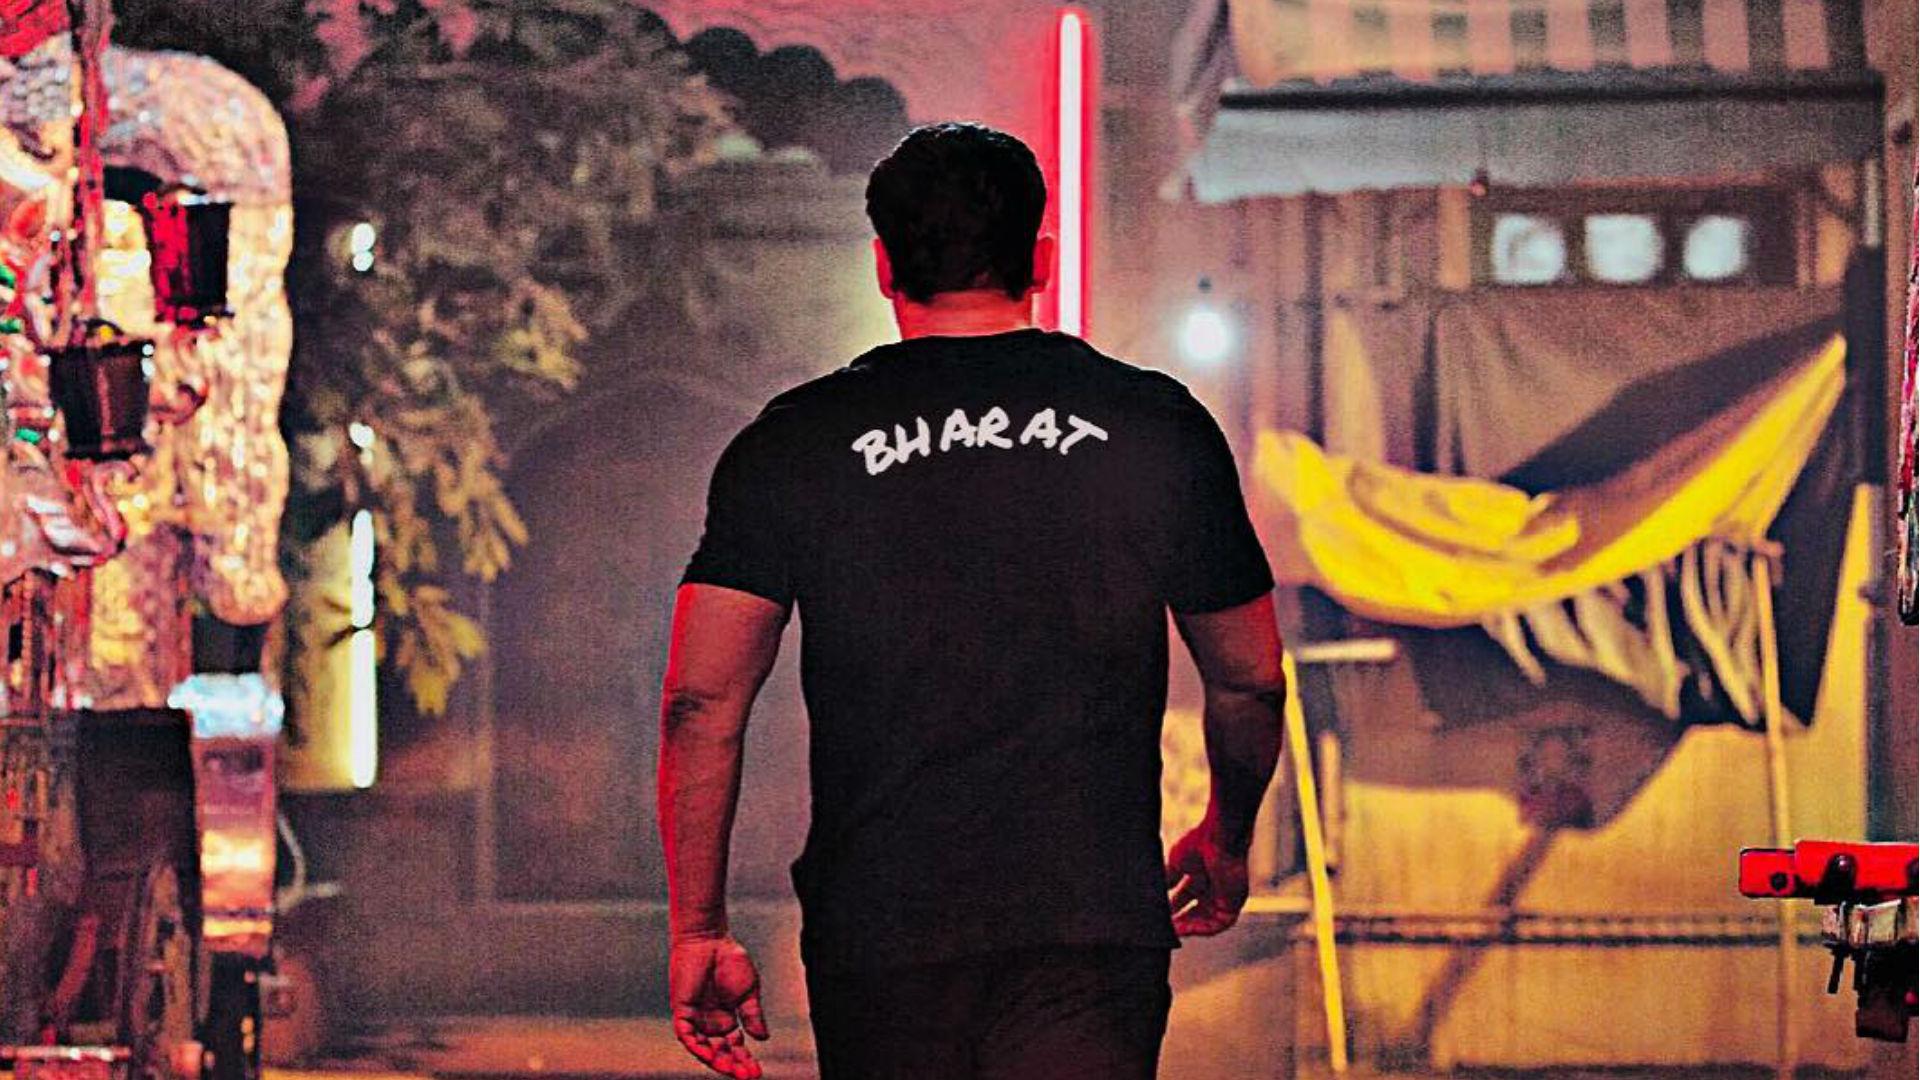 सलमान खान की 'भारत' तोड़ चुकी है उनकी सुपरहिट फिल्म का रिकॉर्ड, इस मूवी ने दिया था दबंग खान को जीवनदान